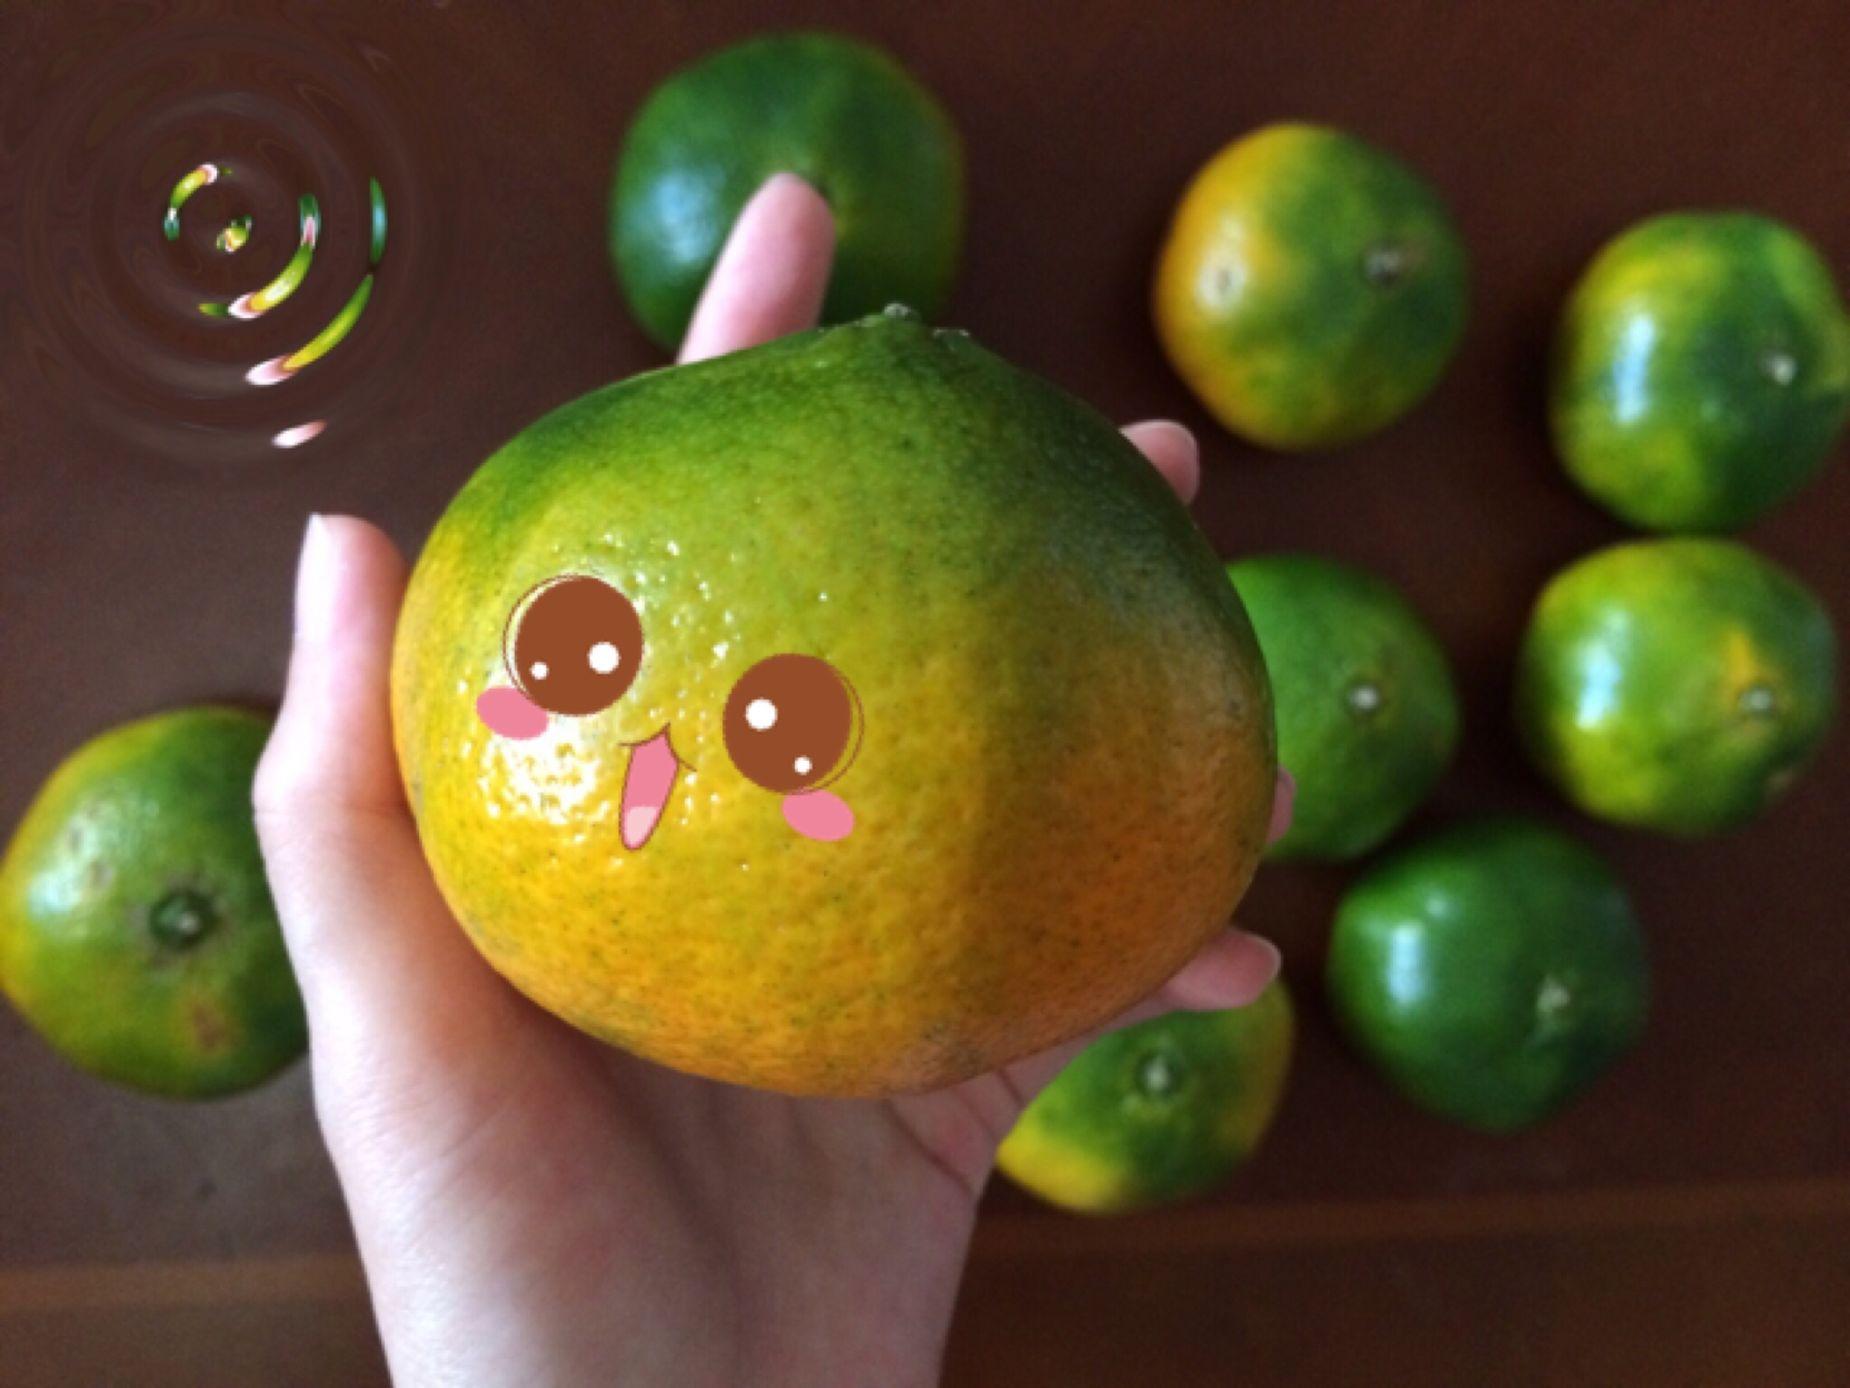 橘子 柑橘 可爱 Cute